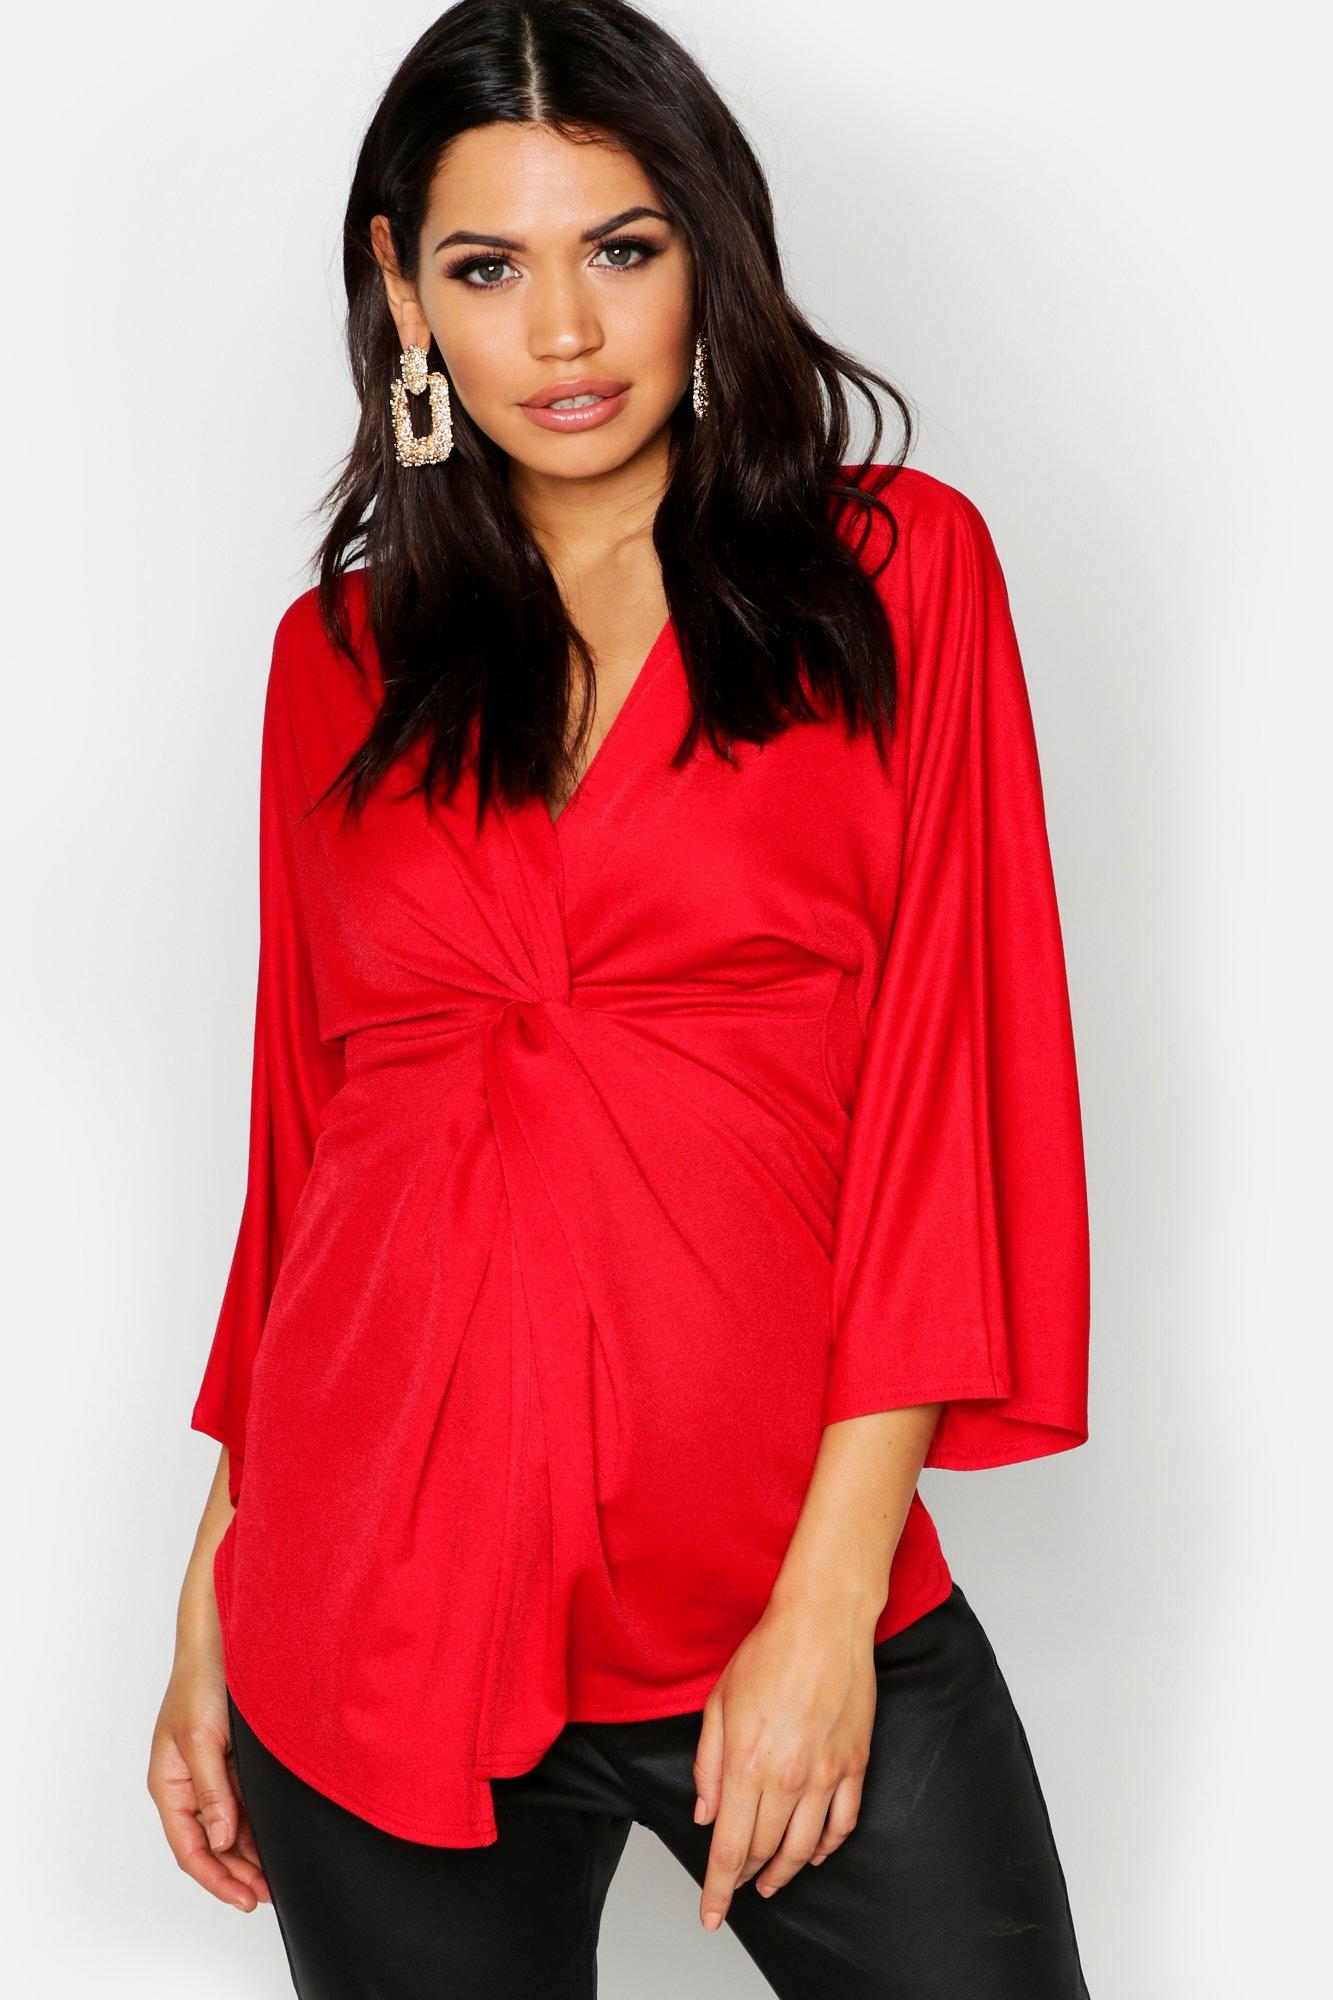 Купить Топы, Блузка с длинными рукавами с перекрученным элементом спереди для беременных, boohoo